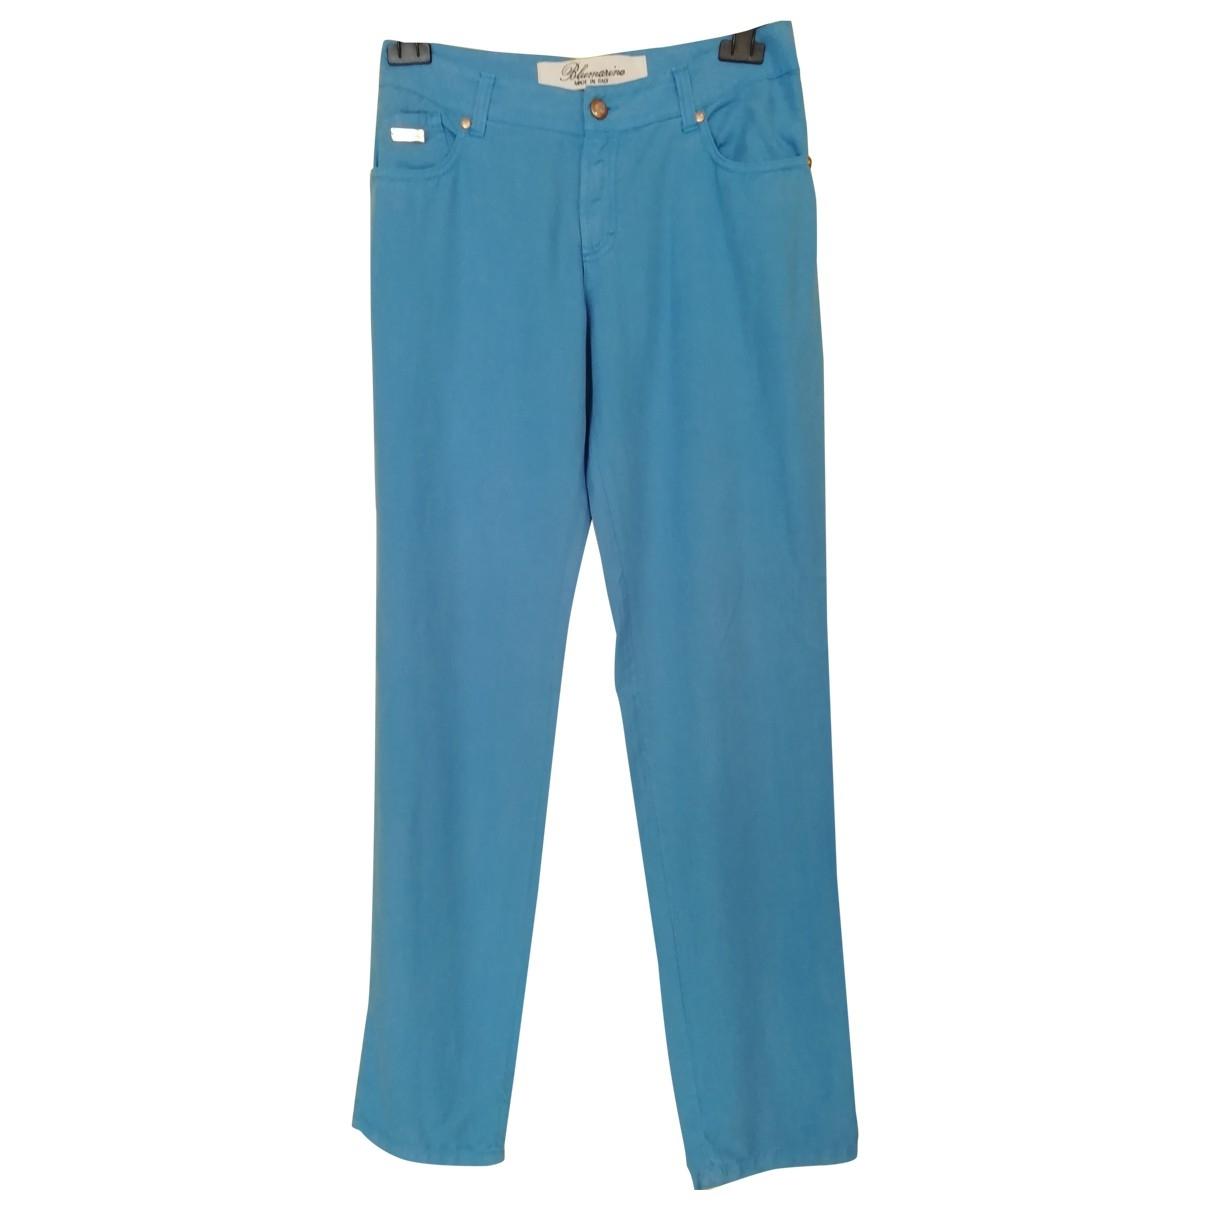 Pantalon largo Blumarine